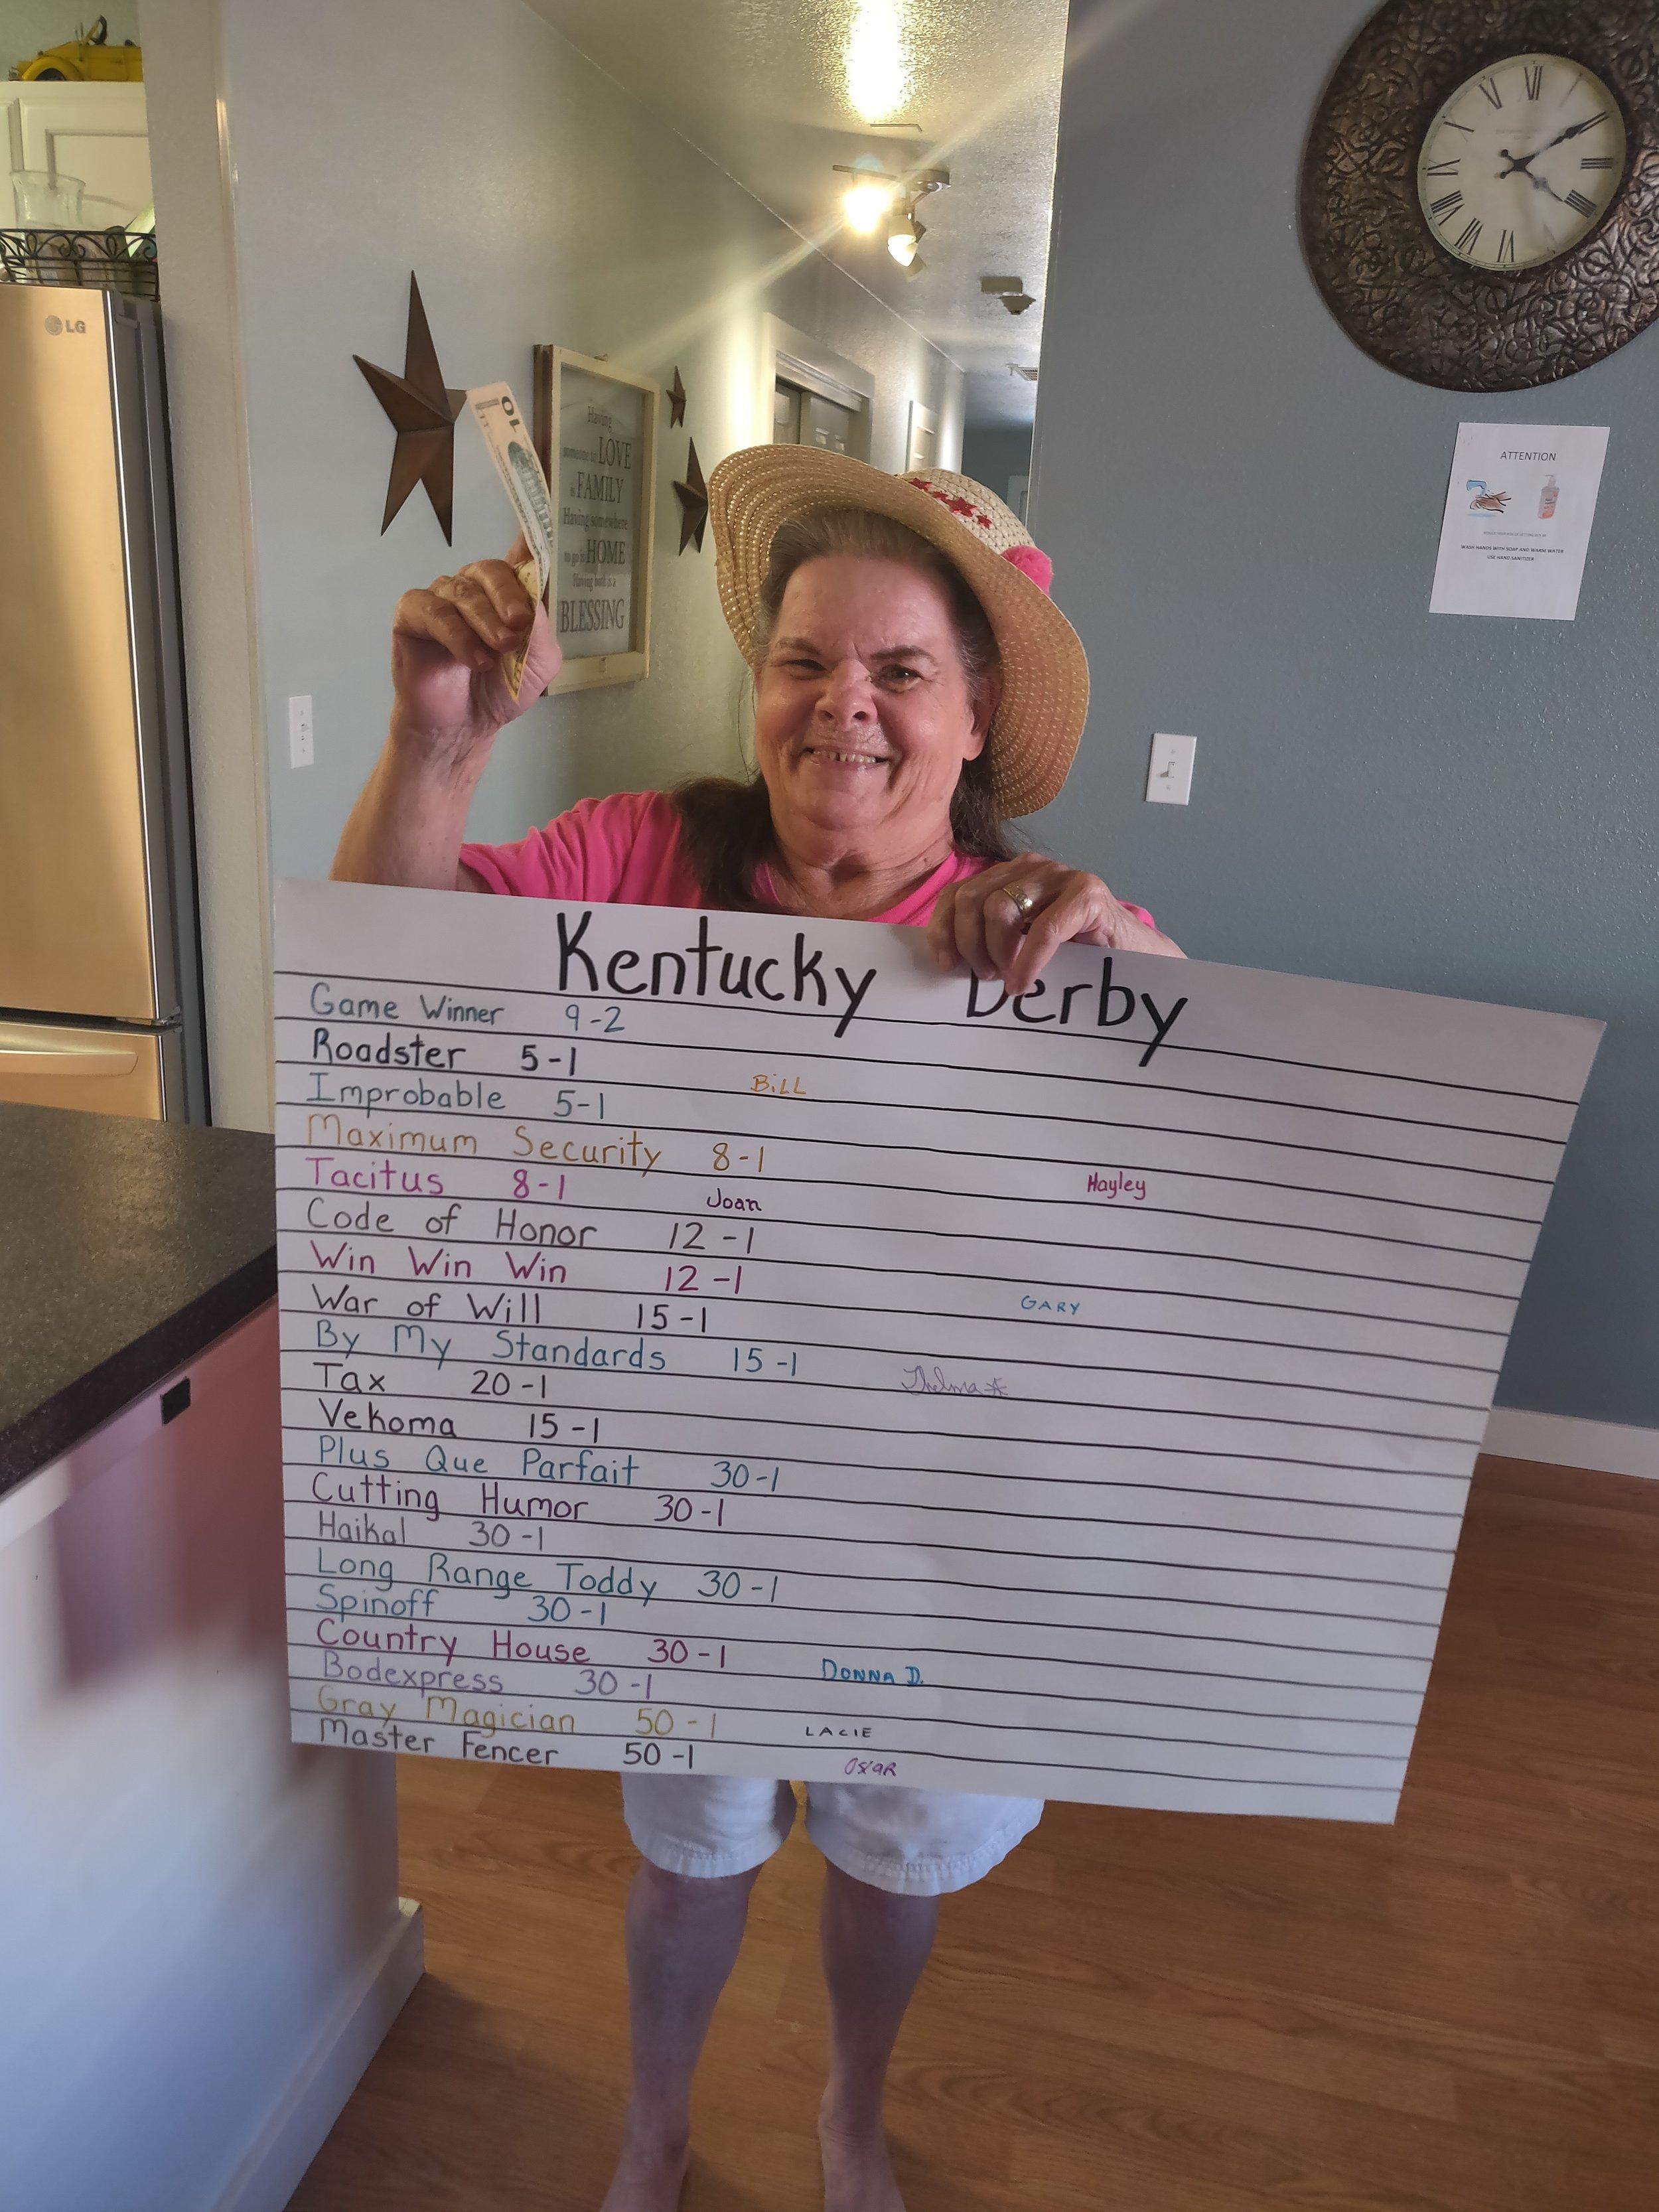 Kentucky Derby winner.jpg